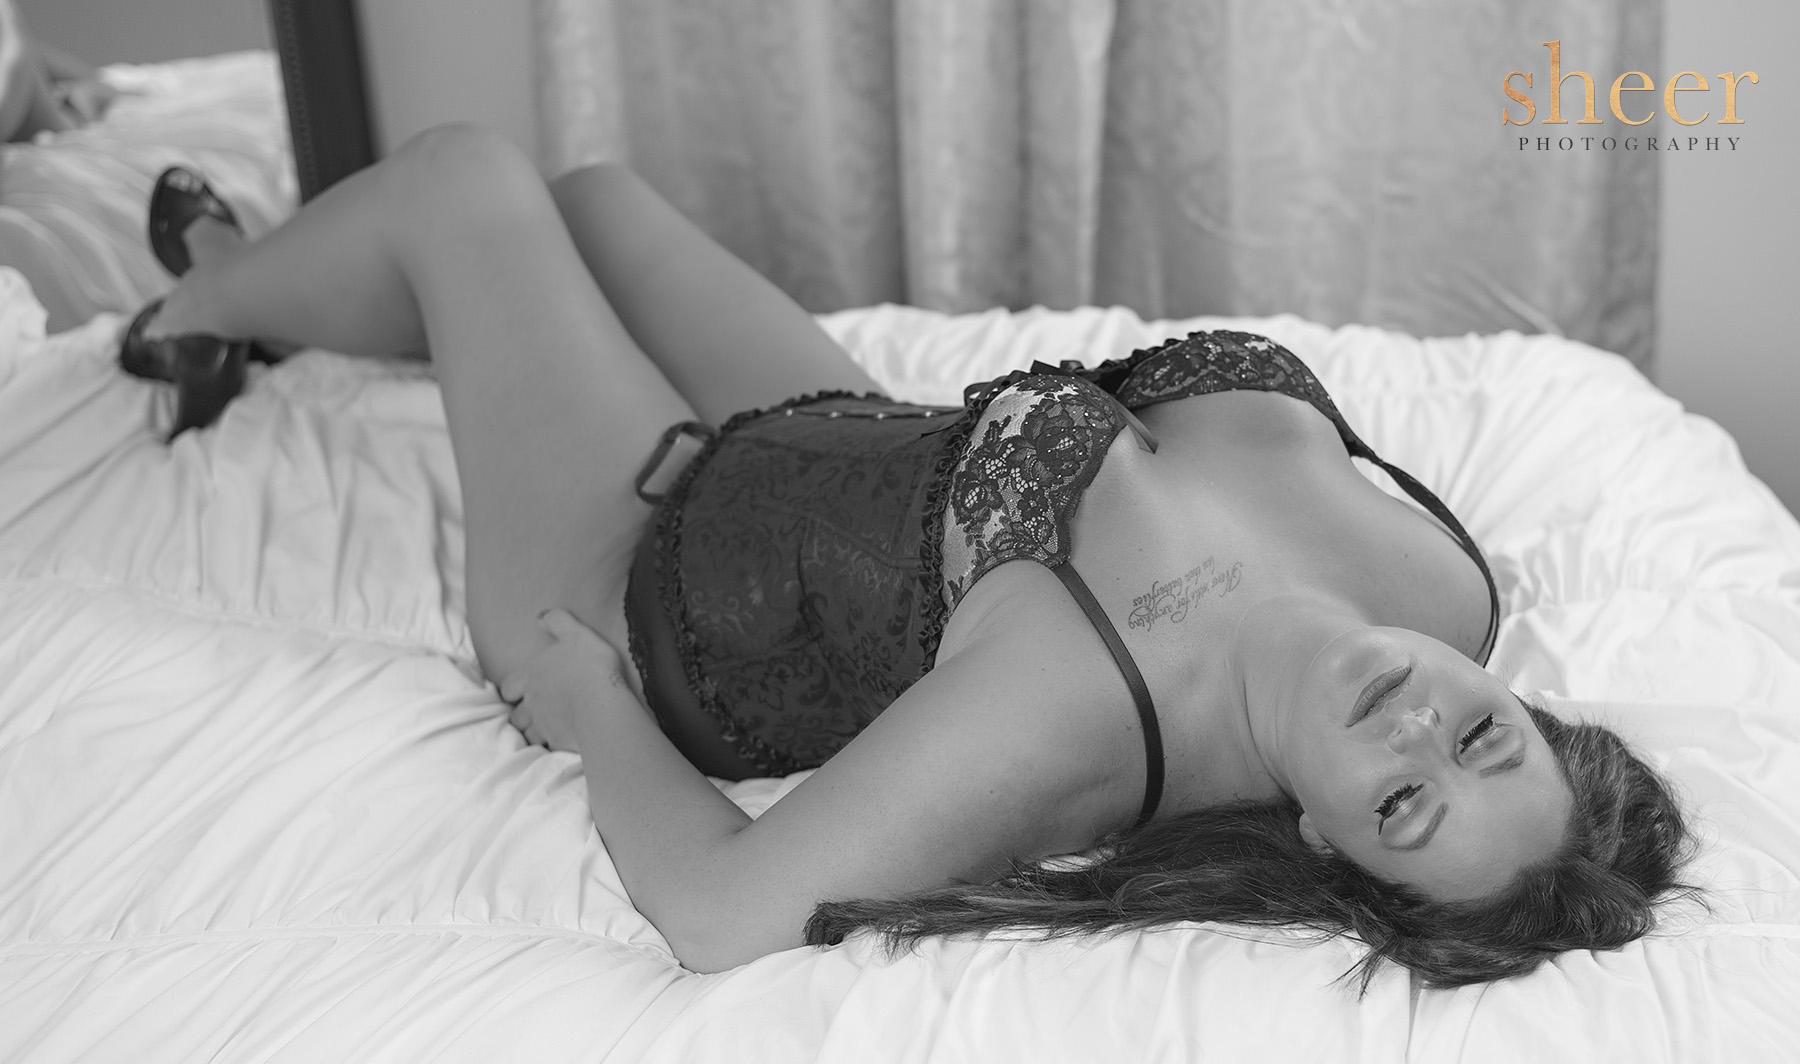 Sheer boudoir